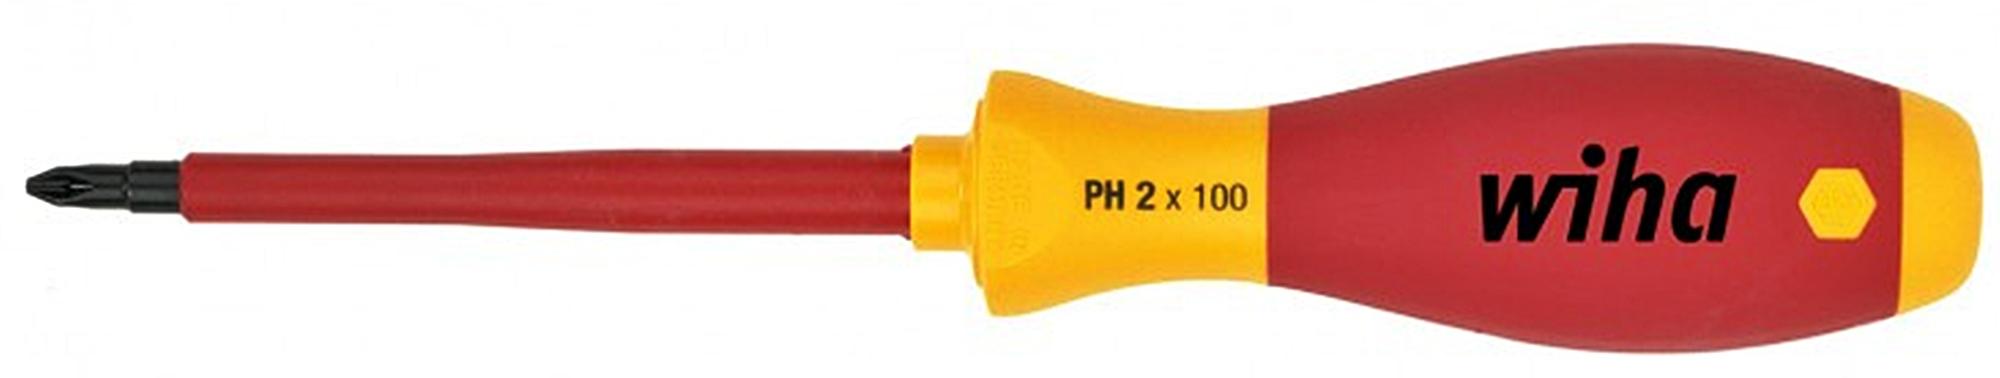 Skrutkovač krížový PH2 x 100mm 1000V 00848 WIHA